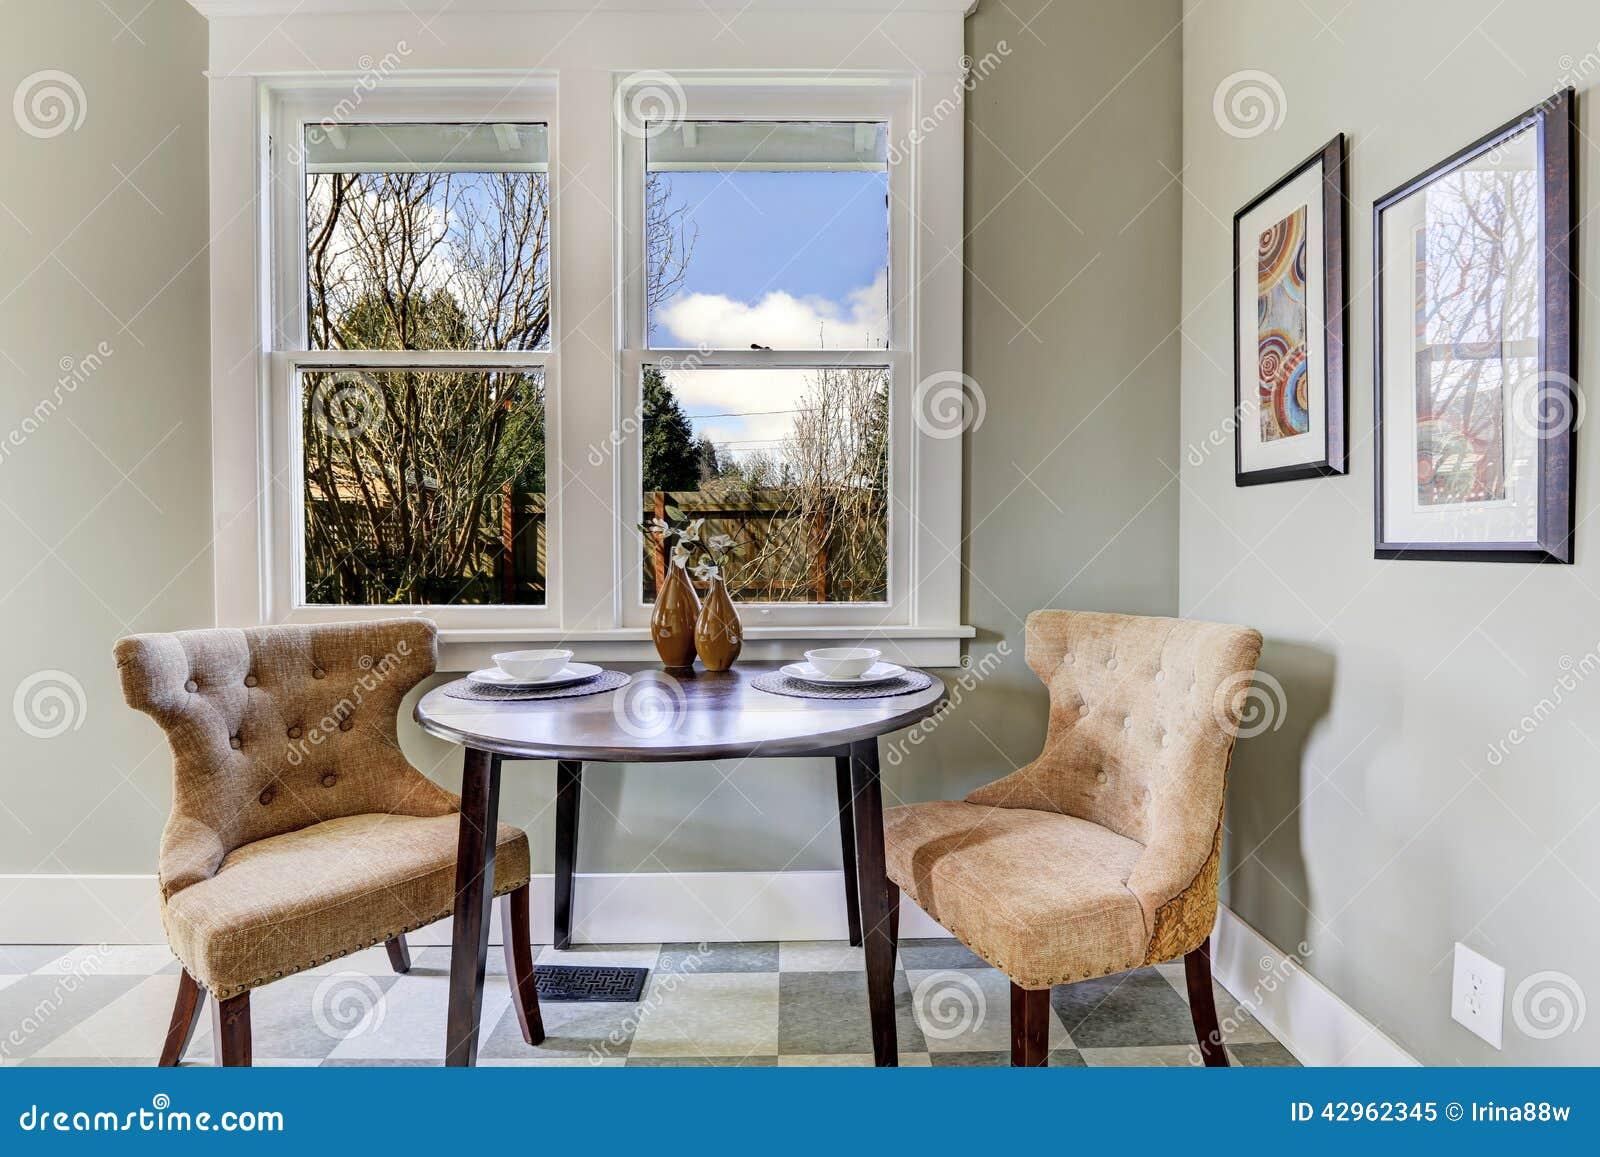 Petite salle manger dans la chambre de cuisine image for Petite salle a manger